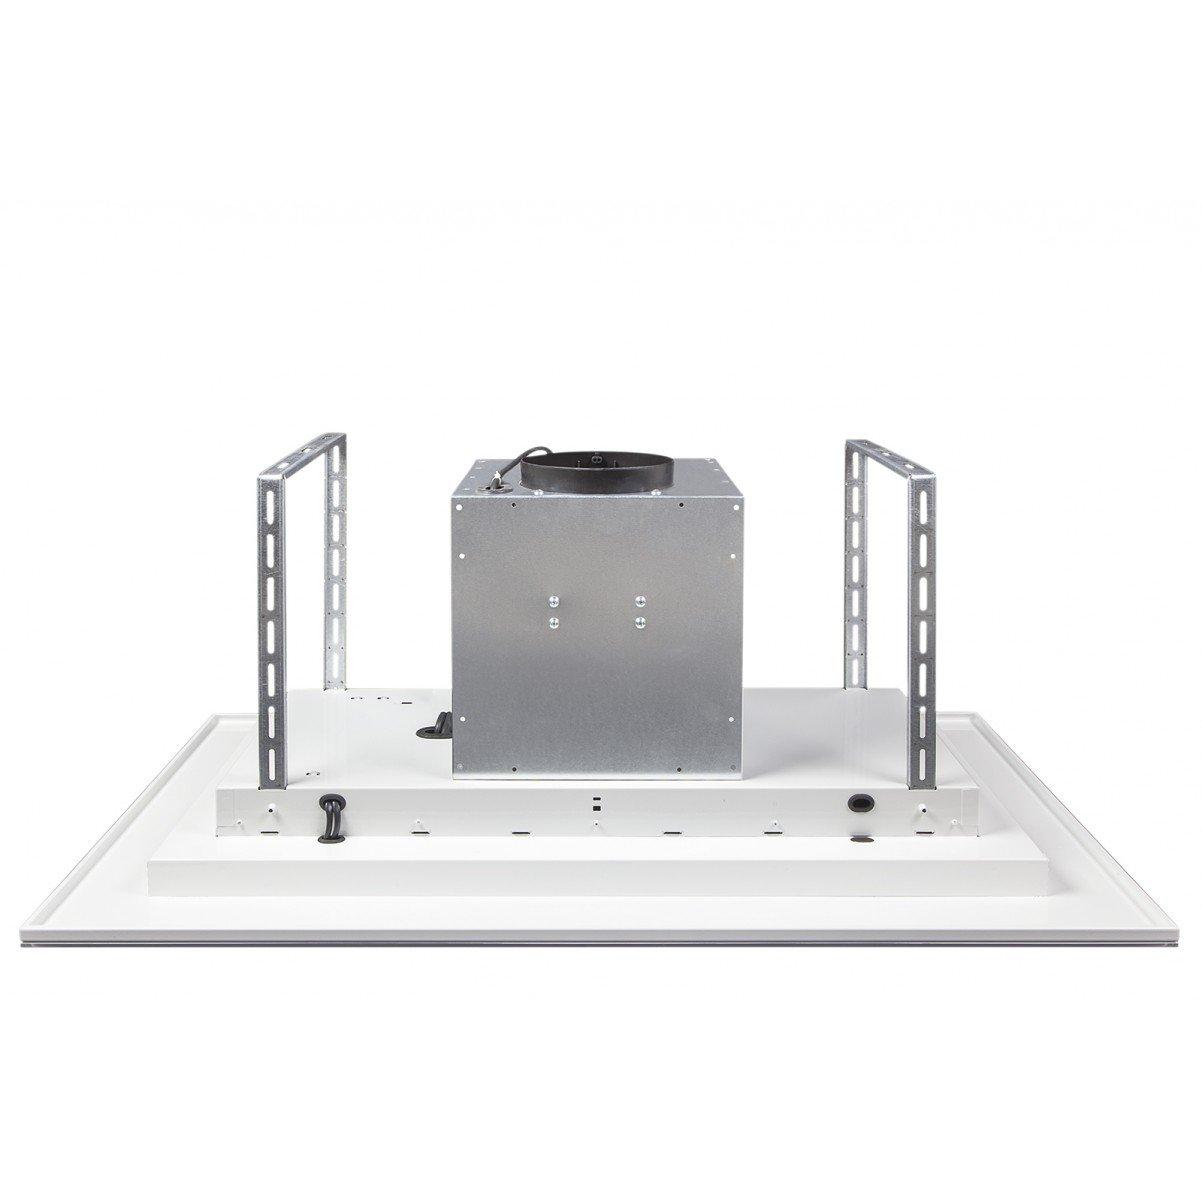 Tak-integrerad köksfläkt LYXOR ELITE vit glas 96cm / 120 cm